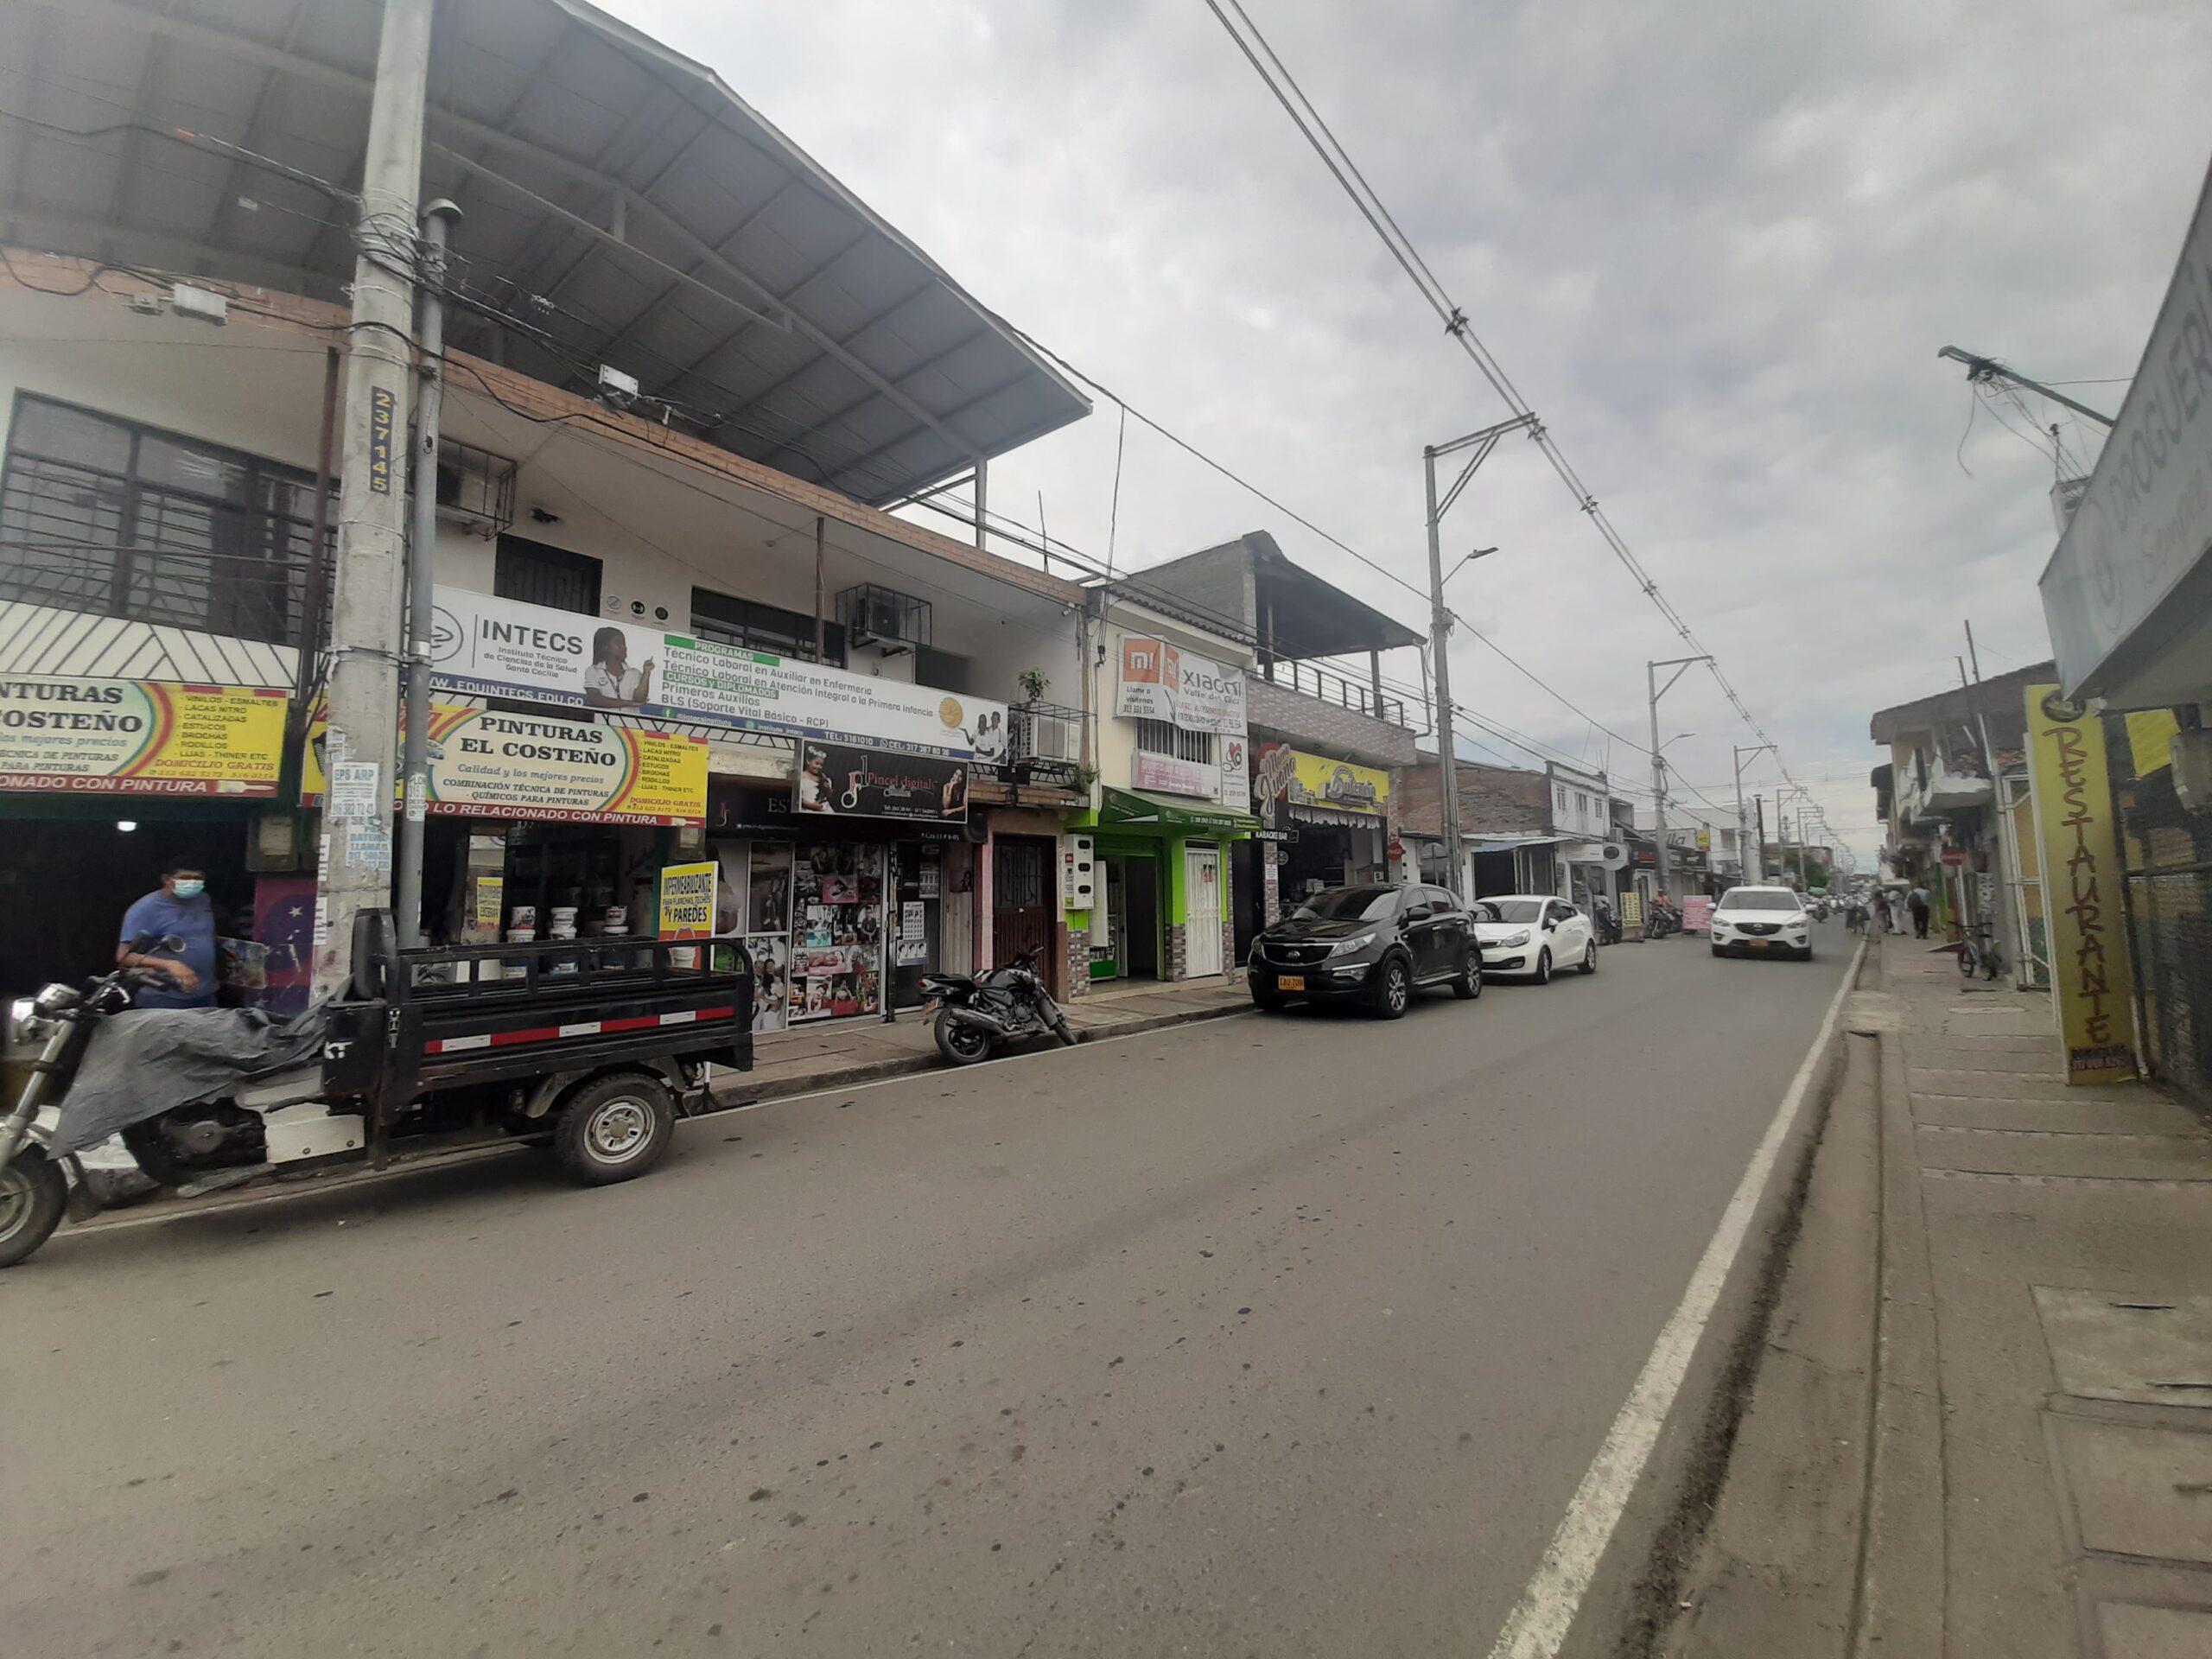 Propiedad comercial en Jamundi central sobre via principal